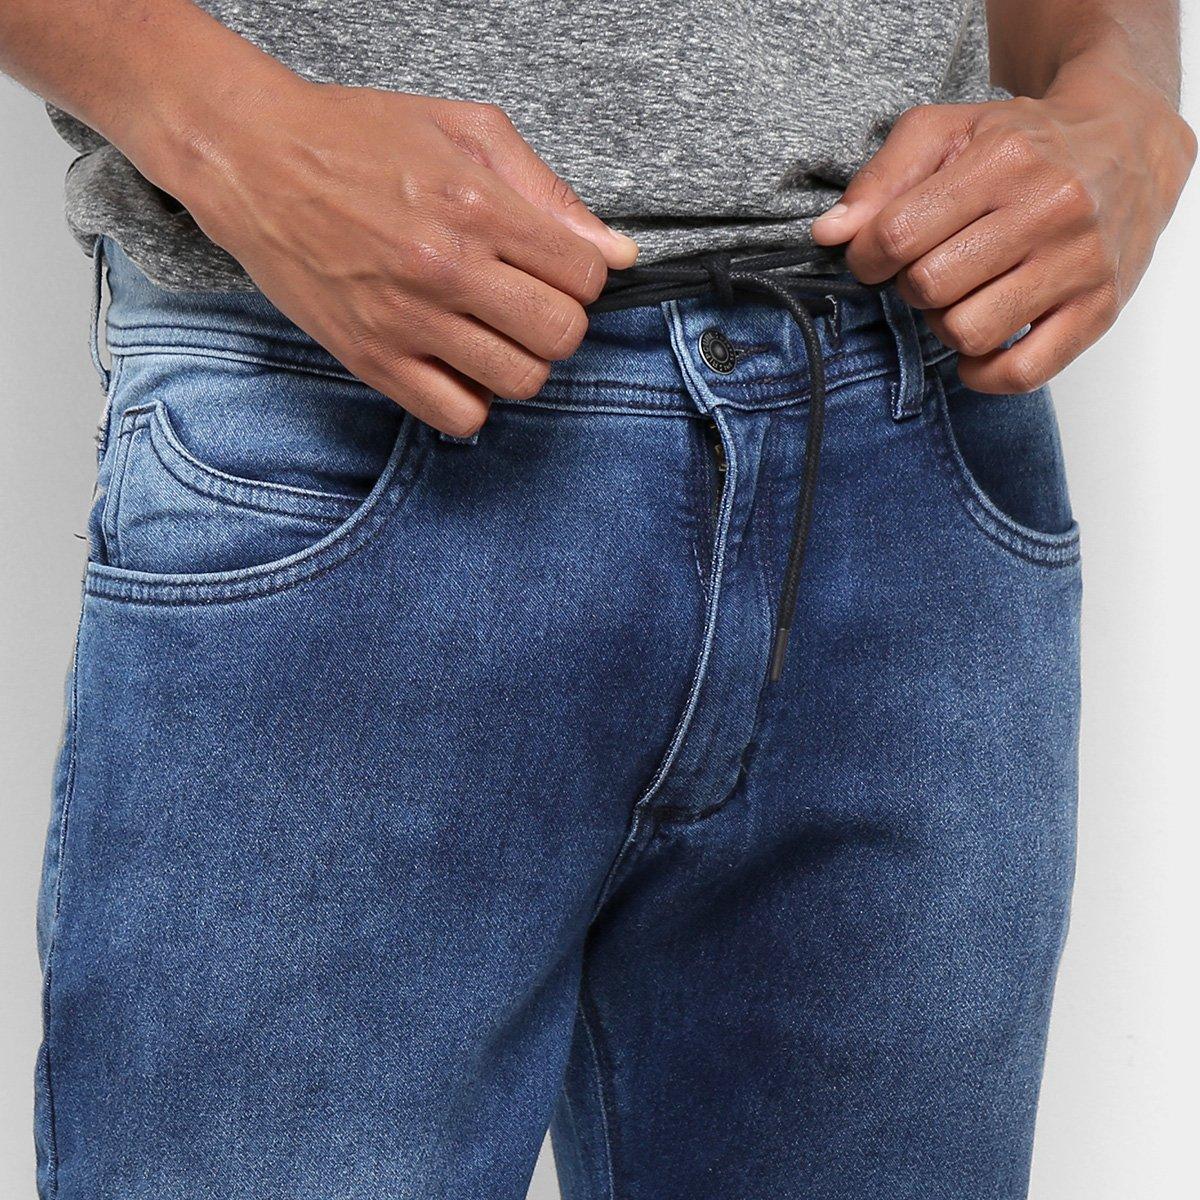 Calça Jeans Rip Curl Confort Used - Tam: 36 - 3